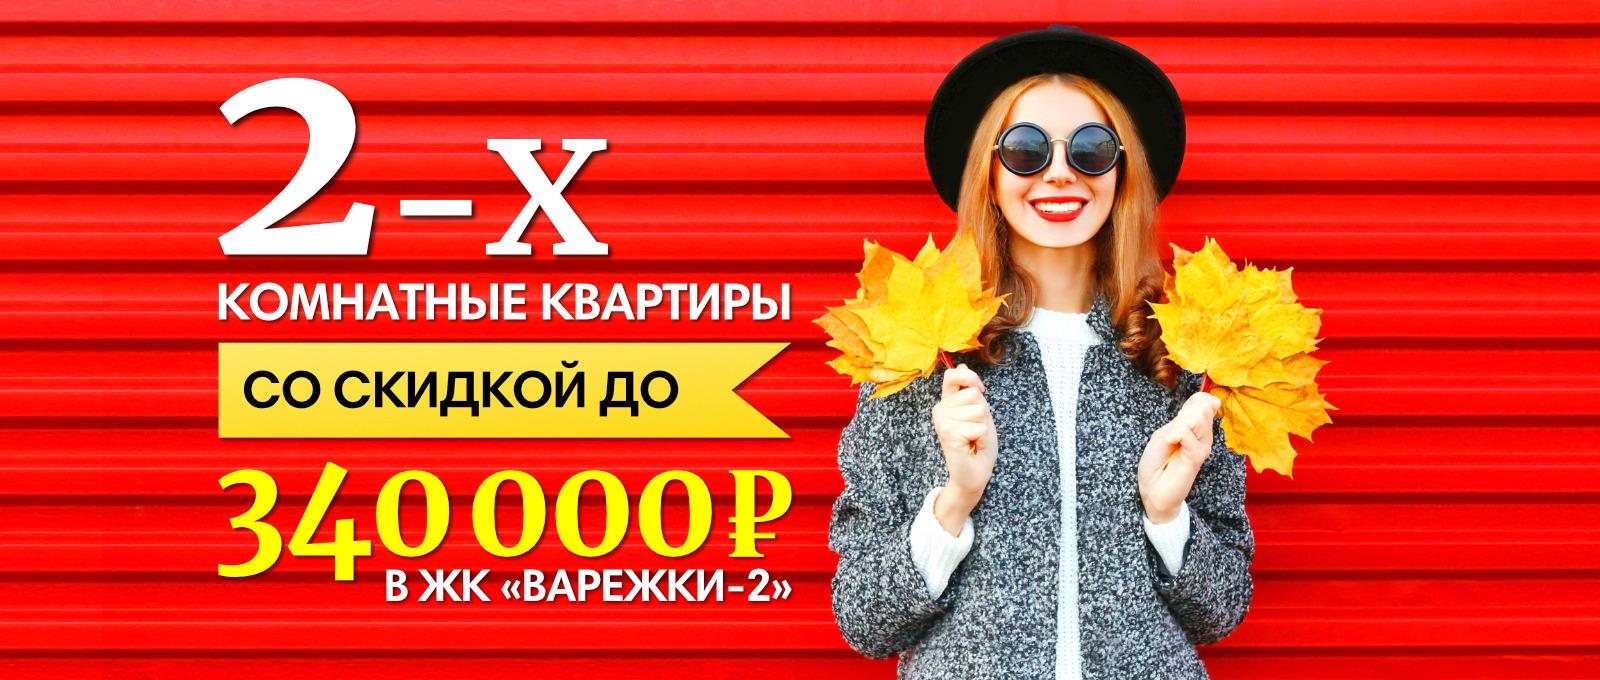 Акция «Осенью дешевле»   Жилой комплекс Варежки 2